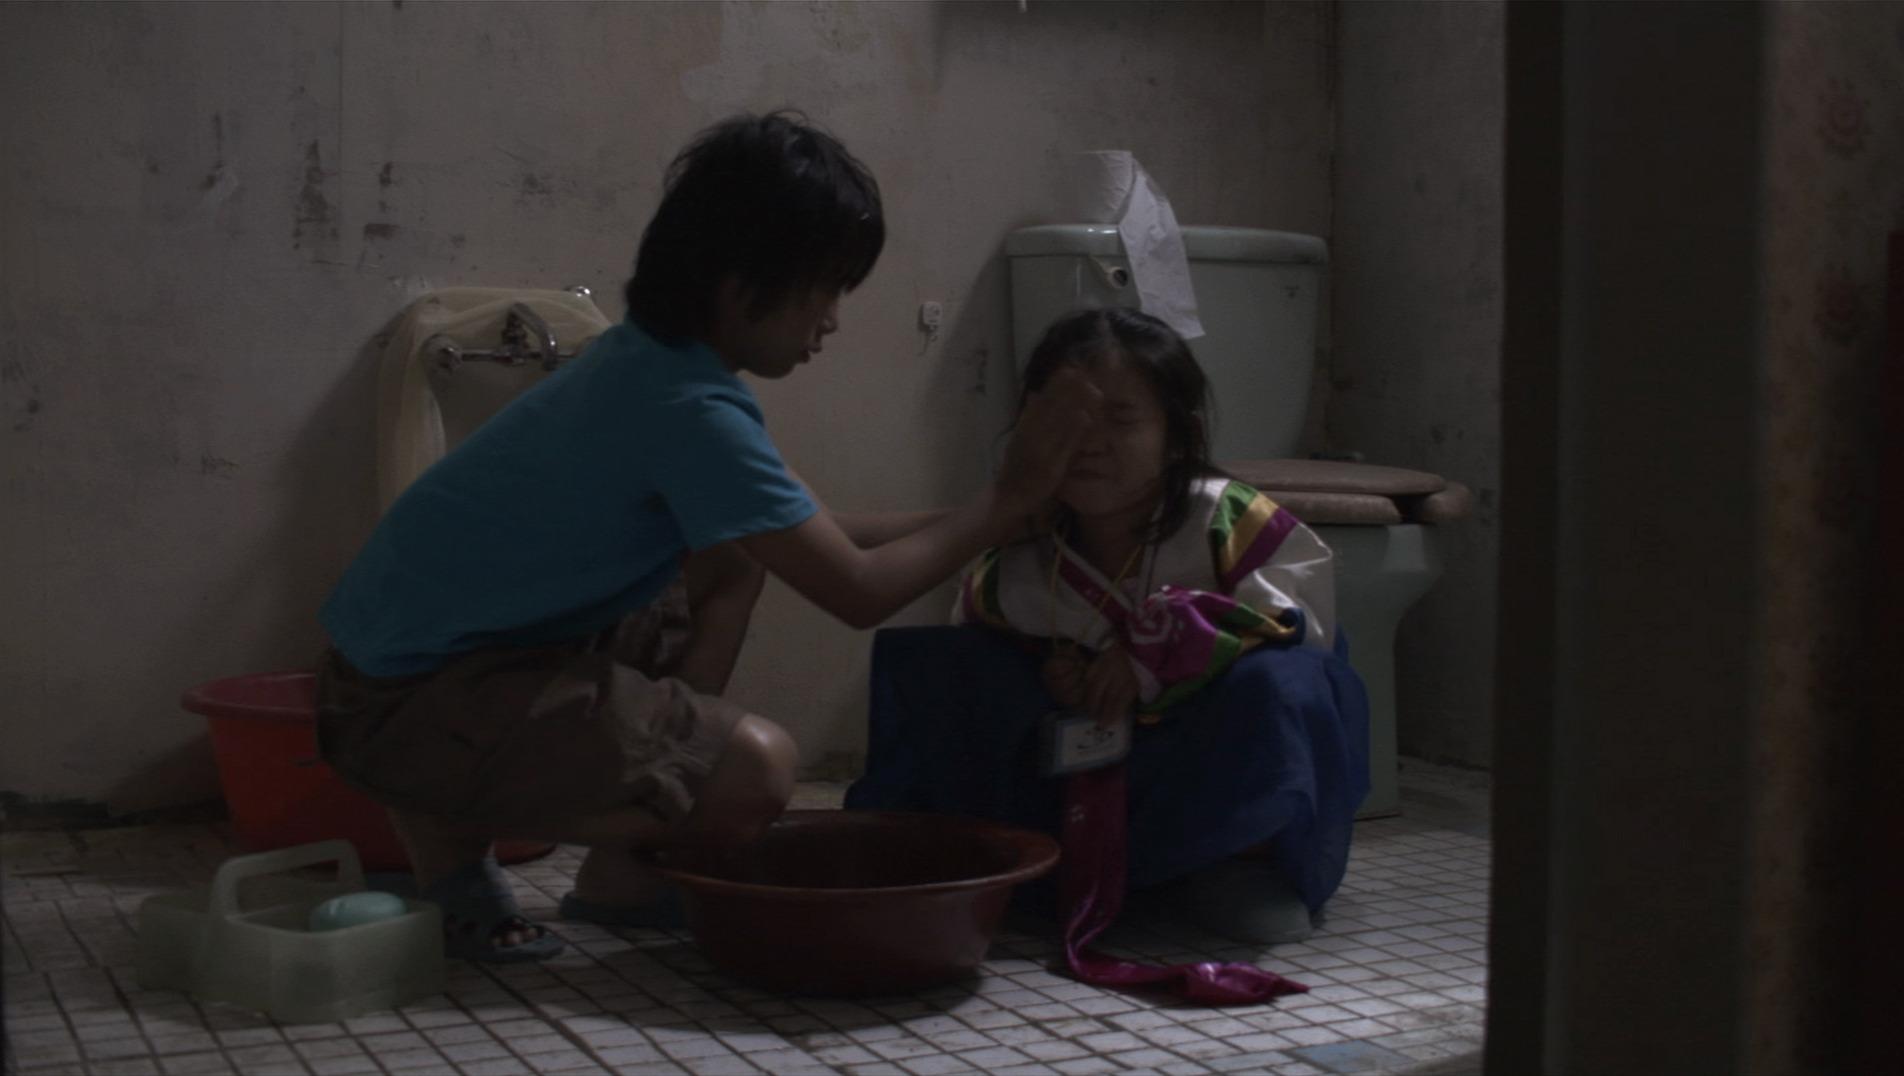 의미 없기 때문에 무서운 것: 단편 영화 '남매의 집'